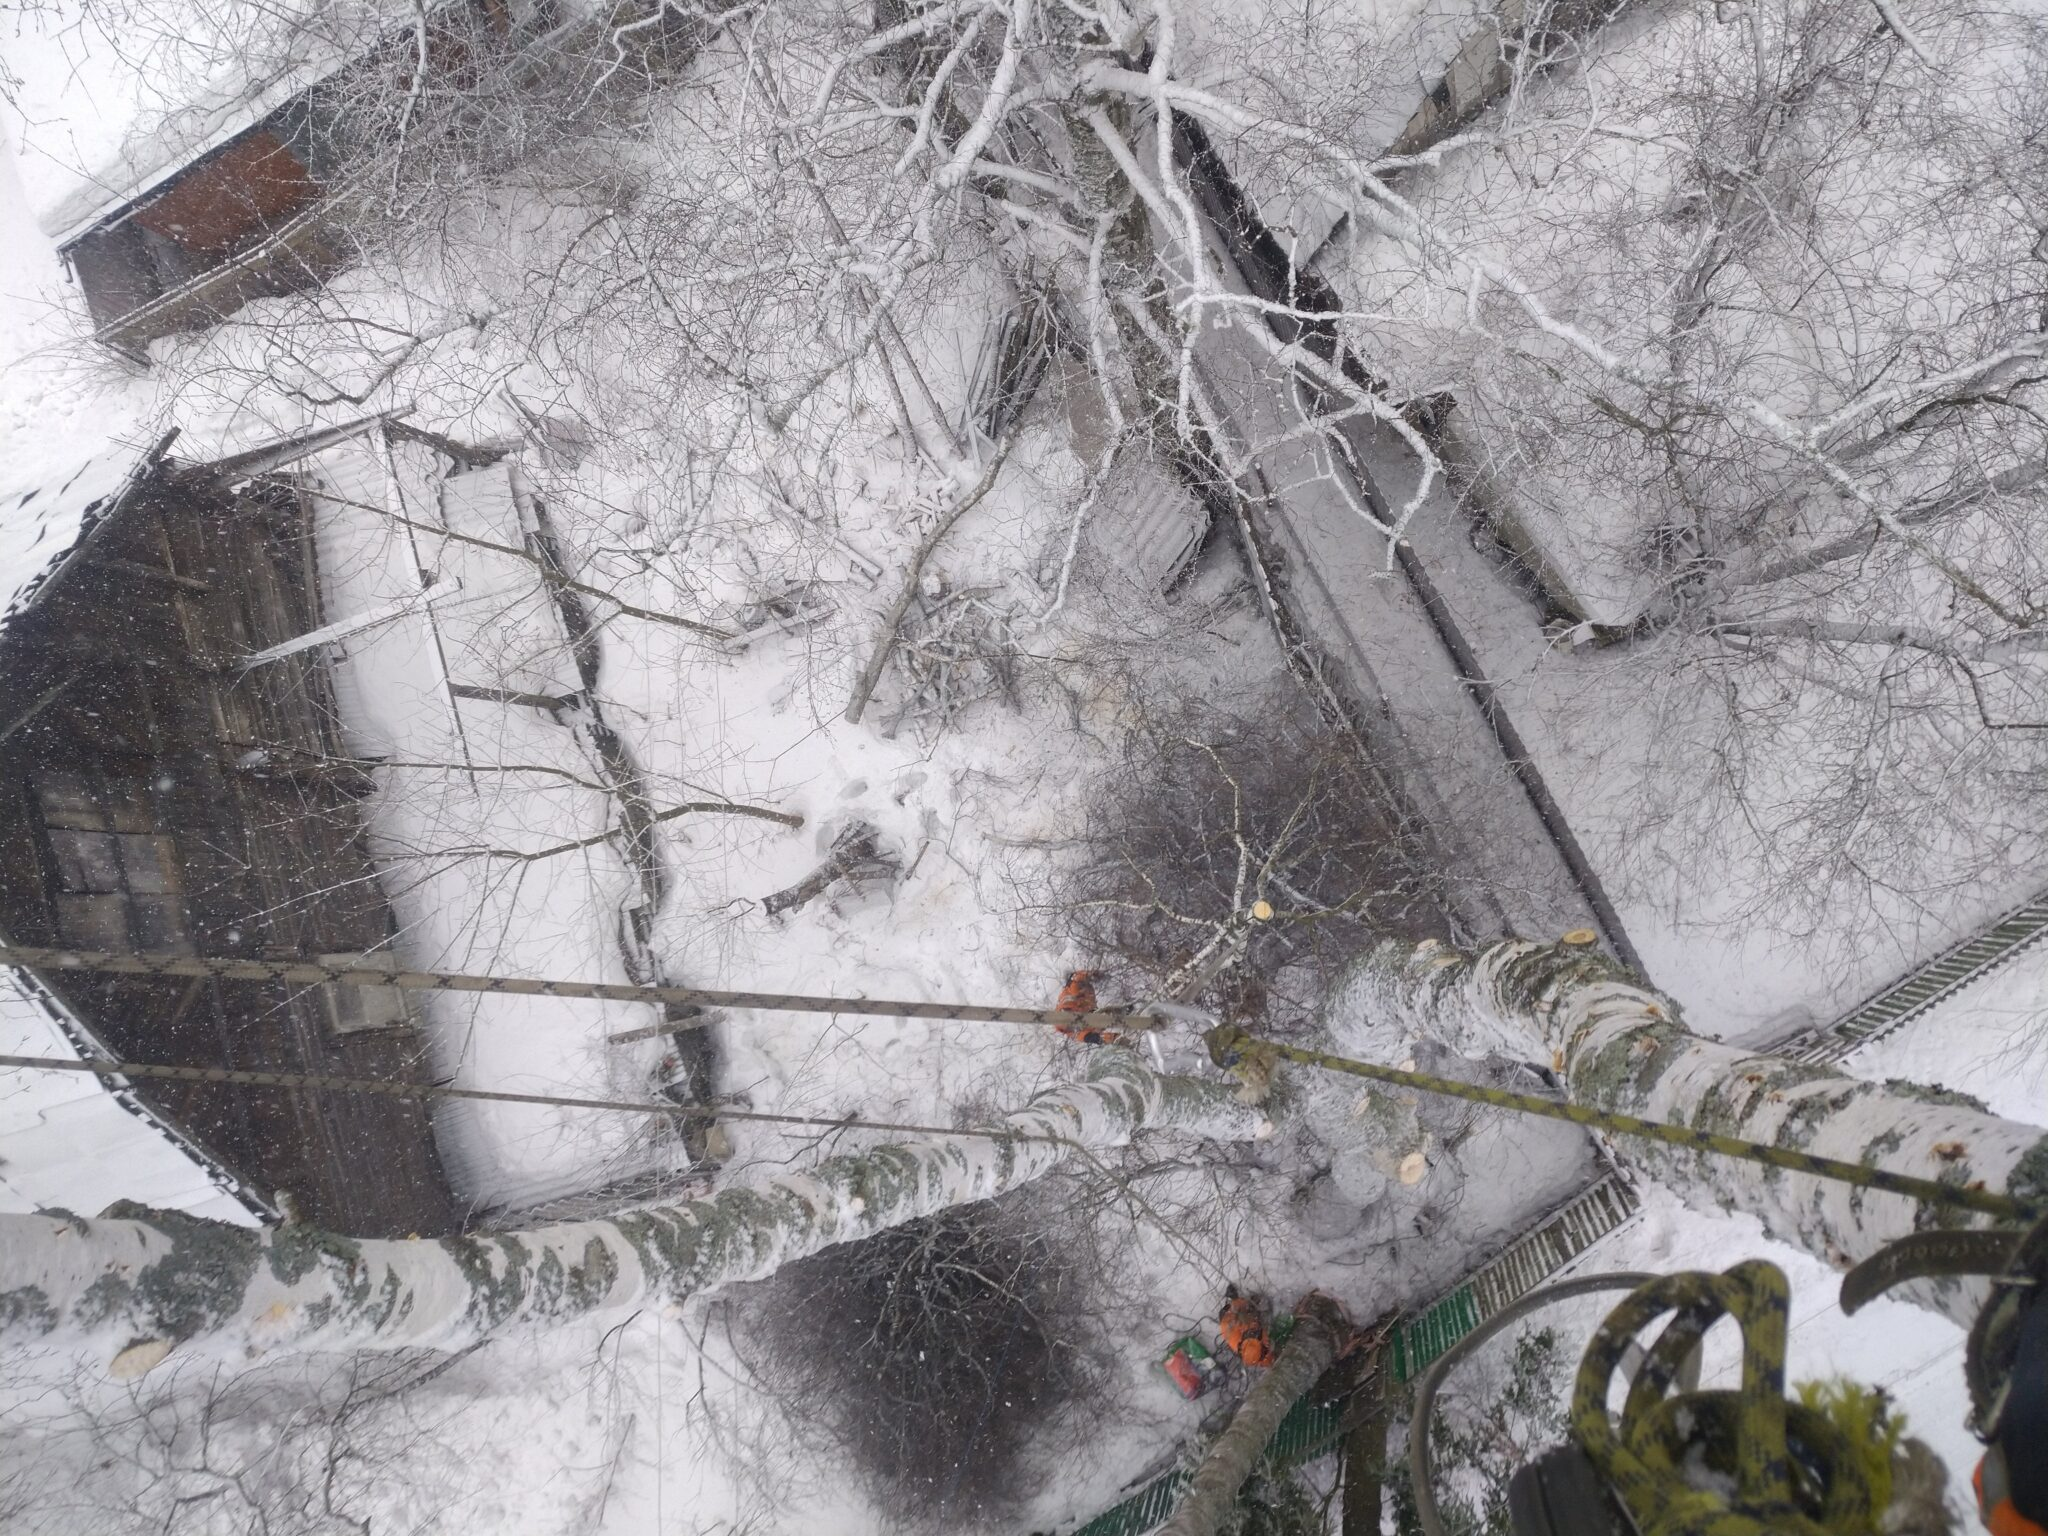 Спиливание деревьев. Три березы в пос. Зеленоградский, Пушкинский район